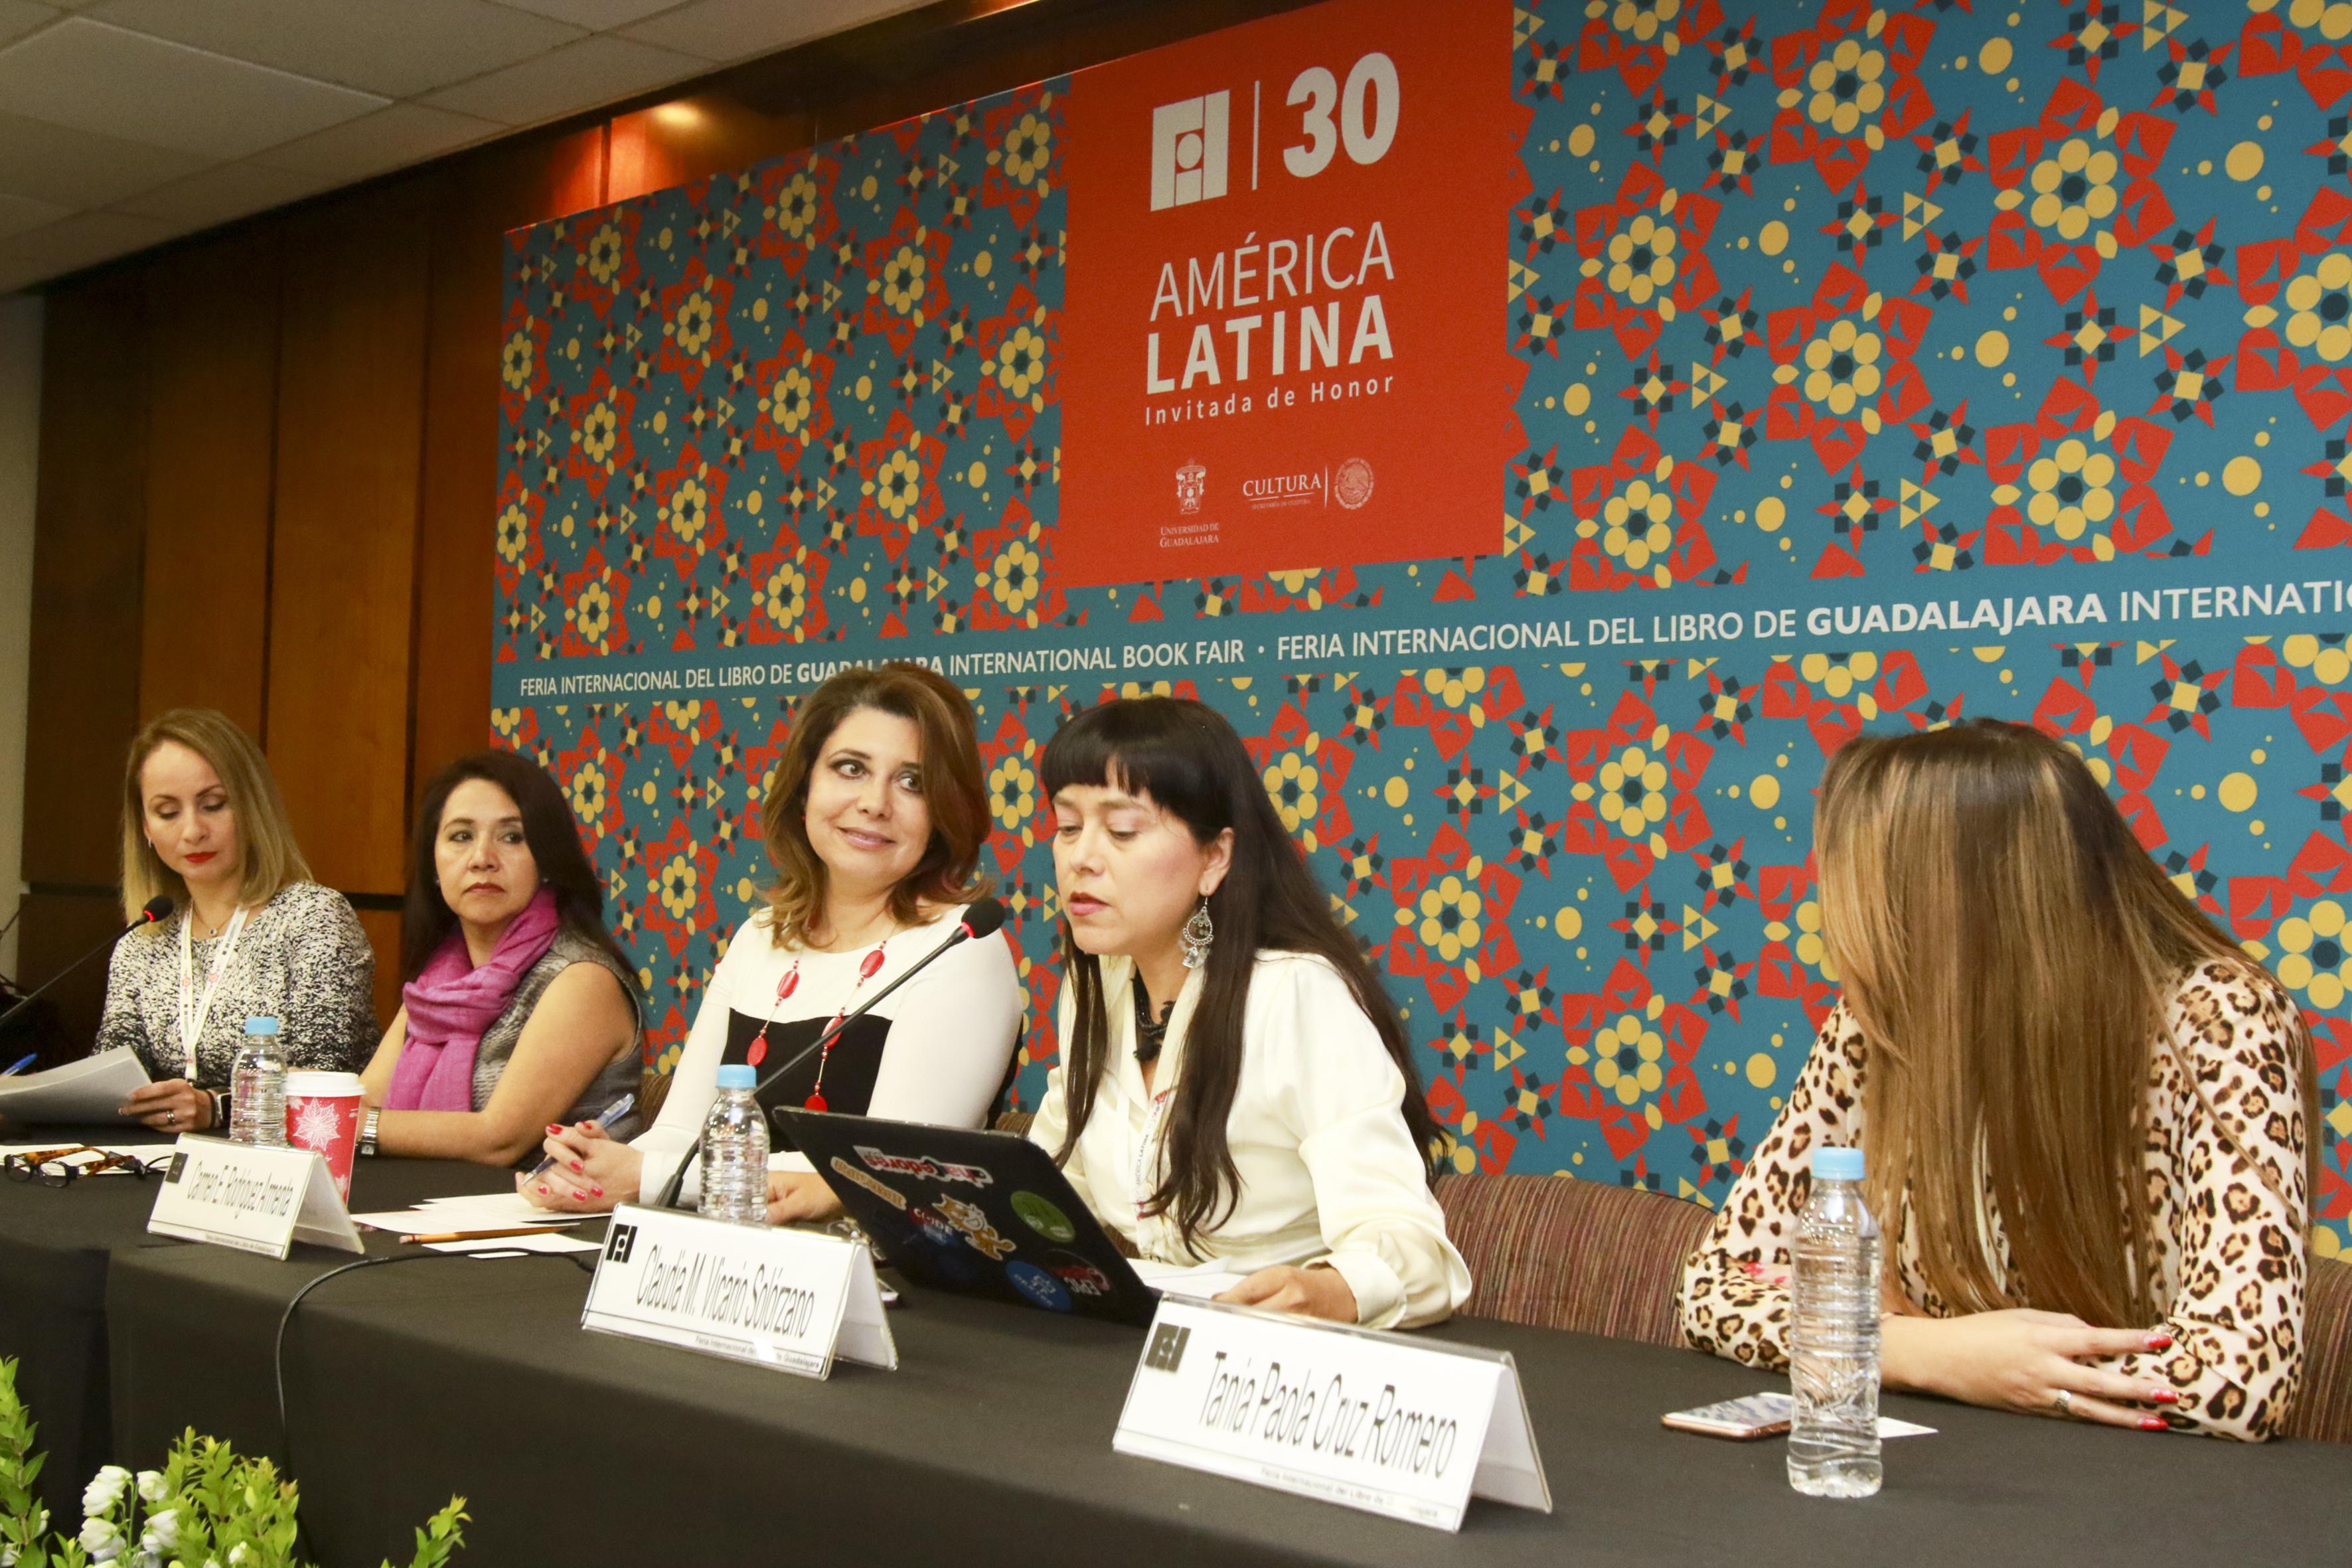 Doctora Claudia Marina Vicario Solórzano, Investigadora del Instituto Politécnico Nacional y Coordinadora de la Red Late México de la (CUDI), frente al micrófono